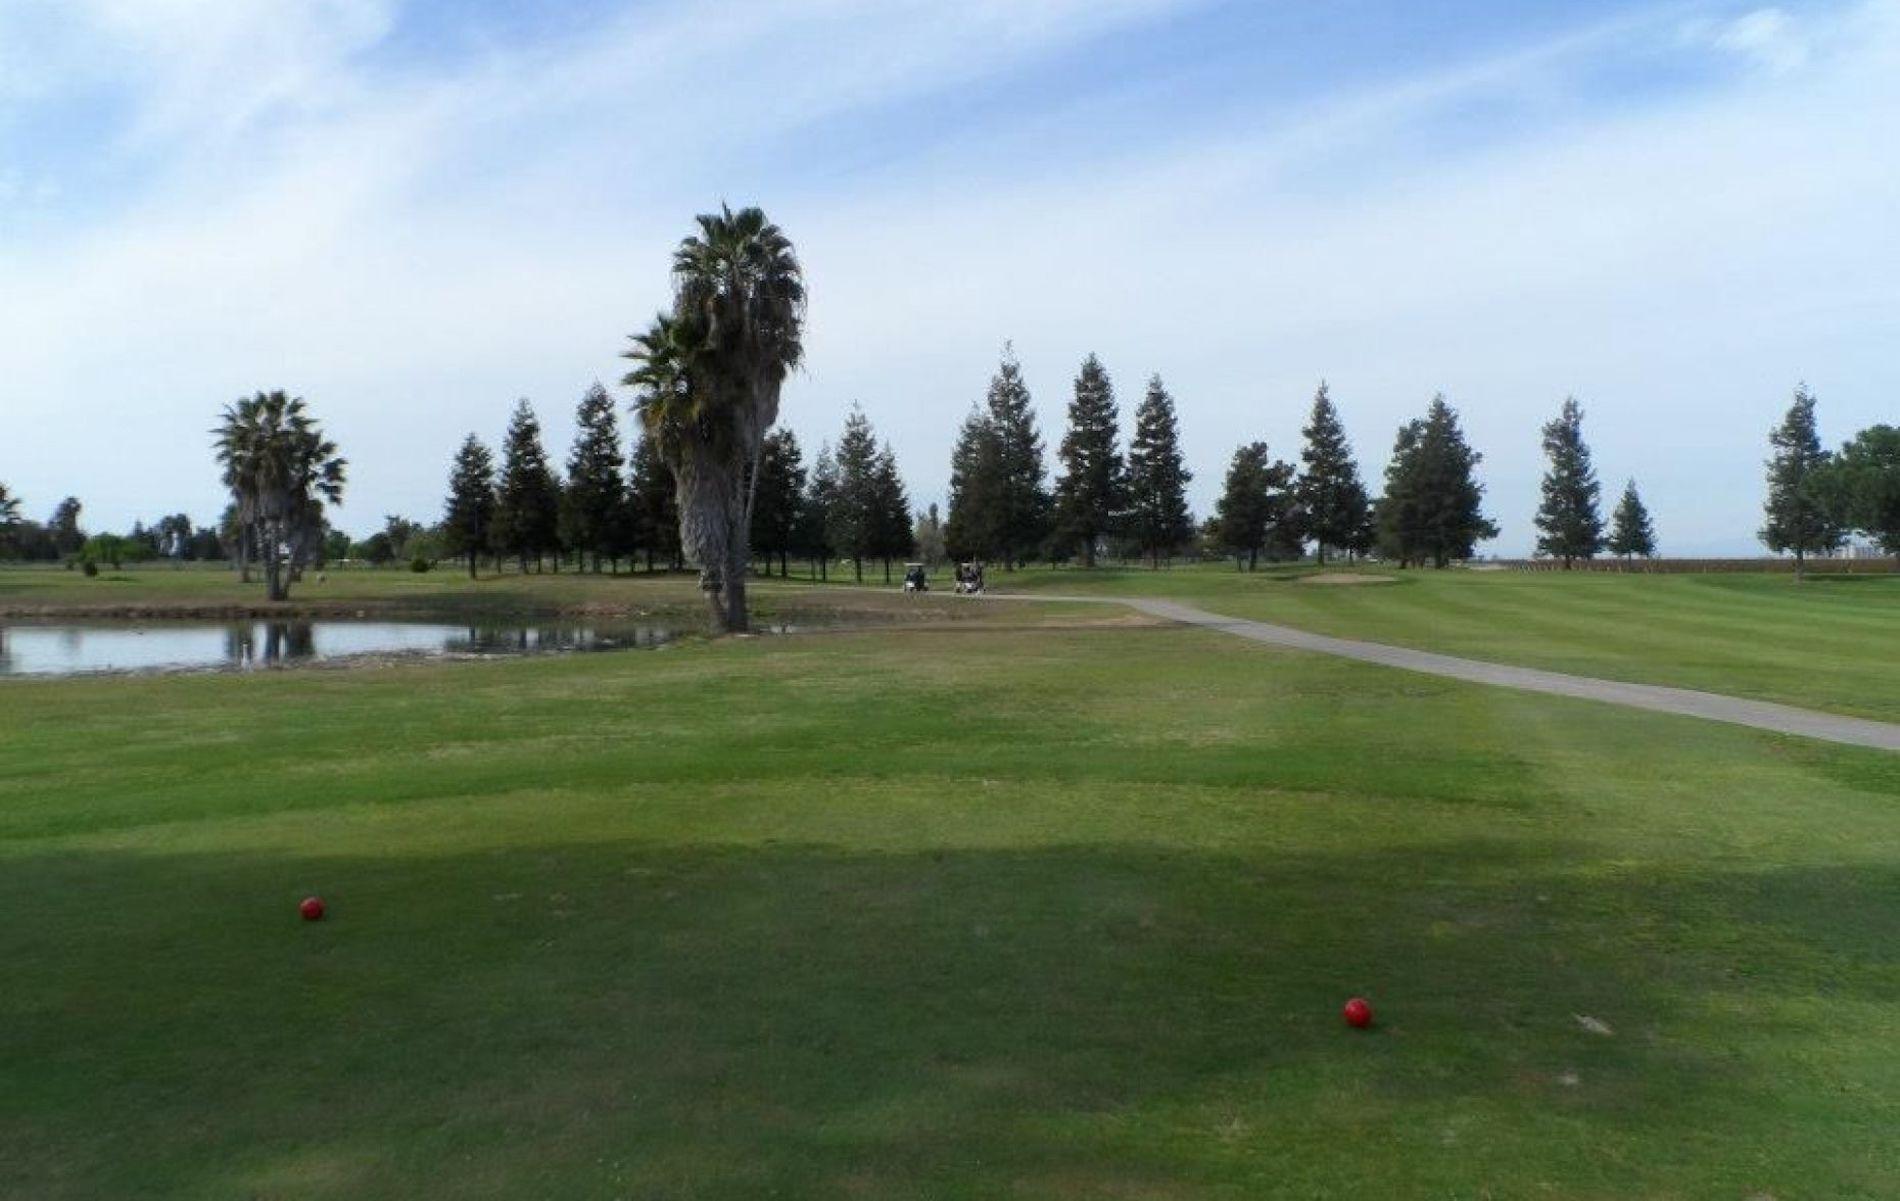 Madera Municipal Golf Course